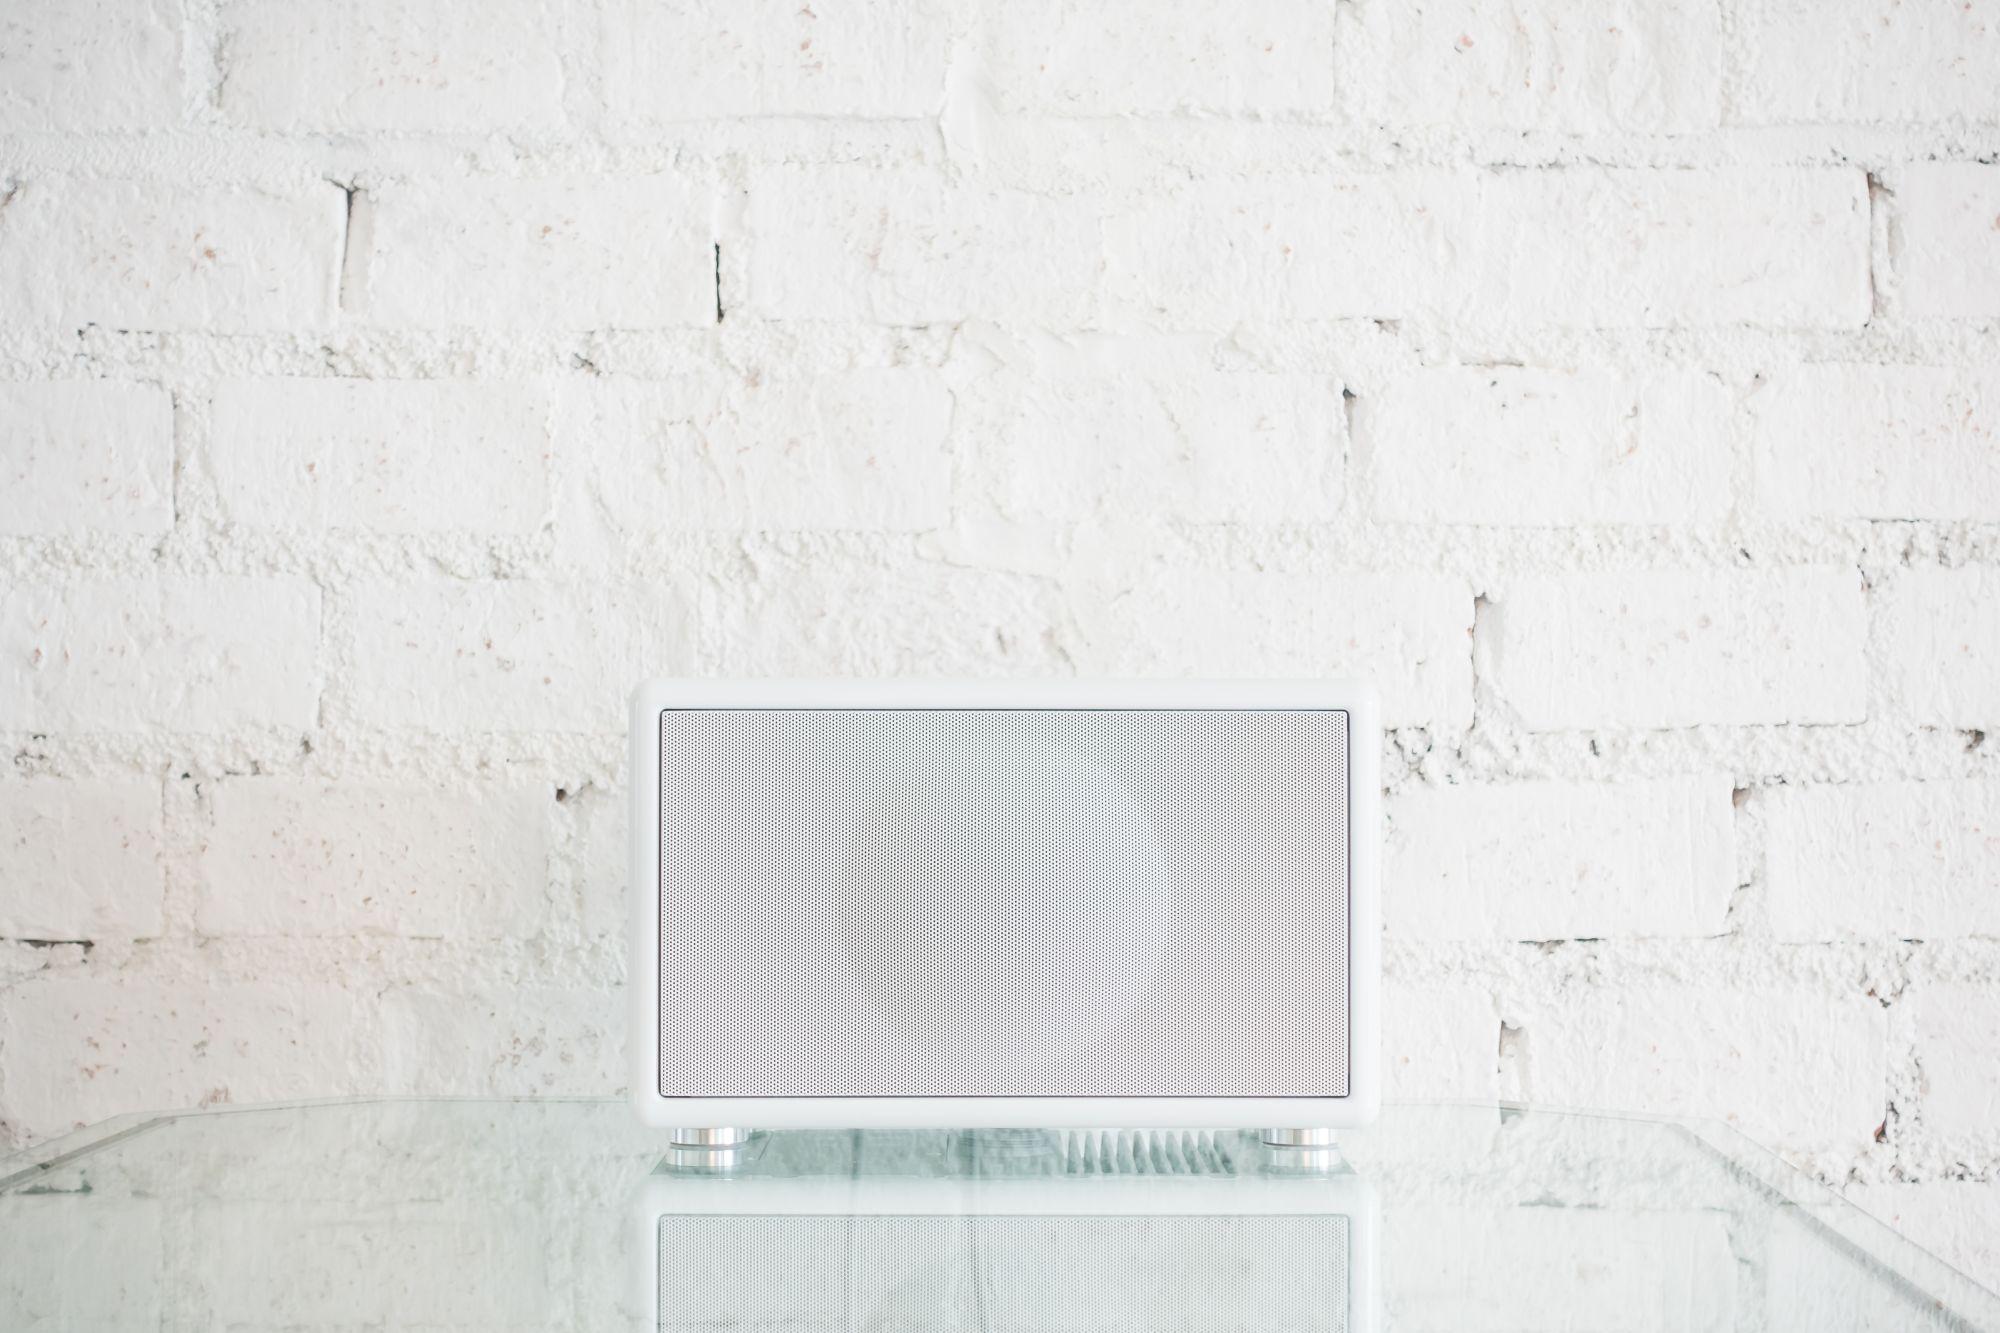 Letisztult fehér színű Wi-Fi hangfal